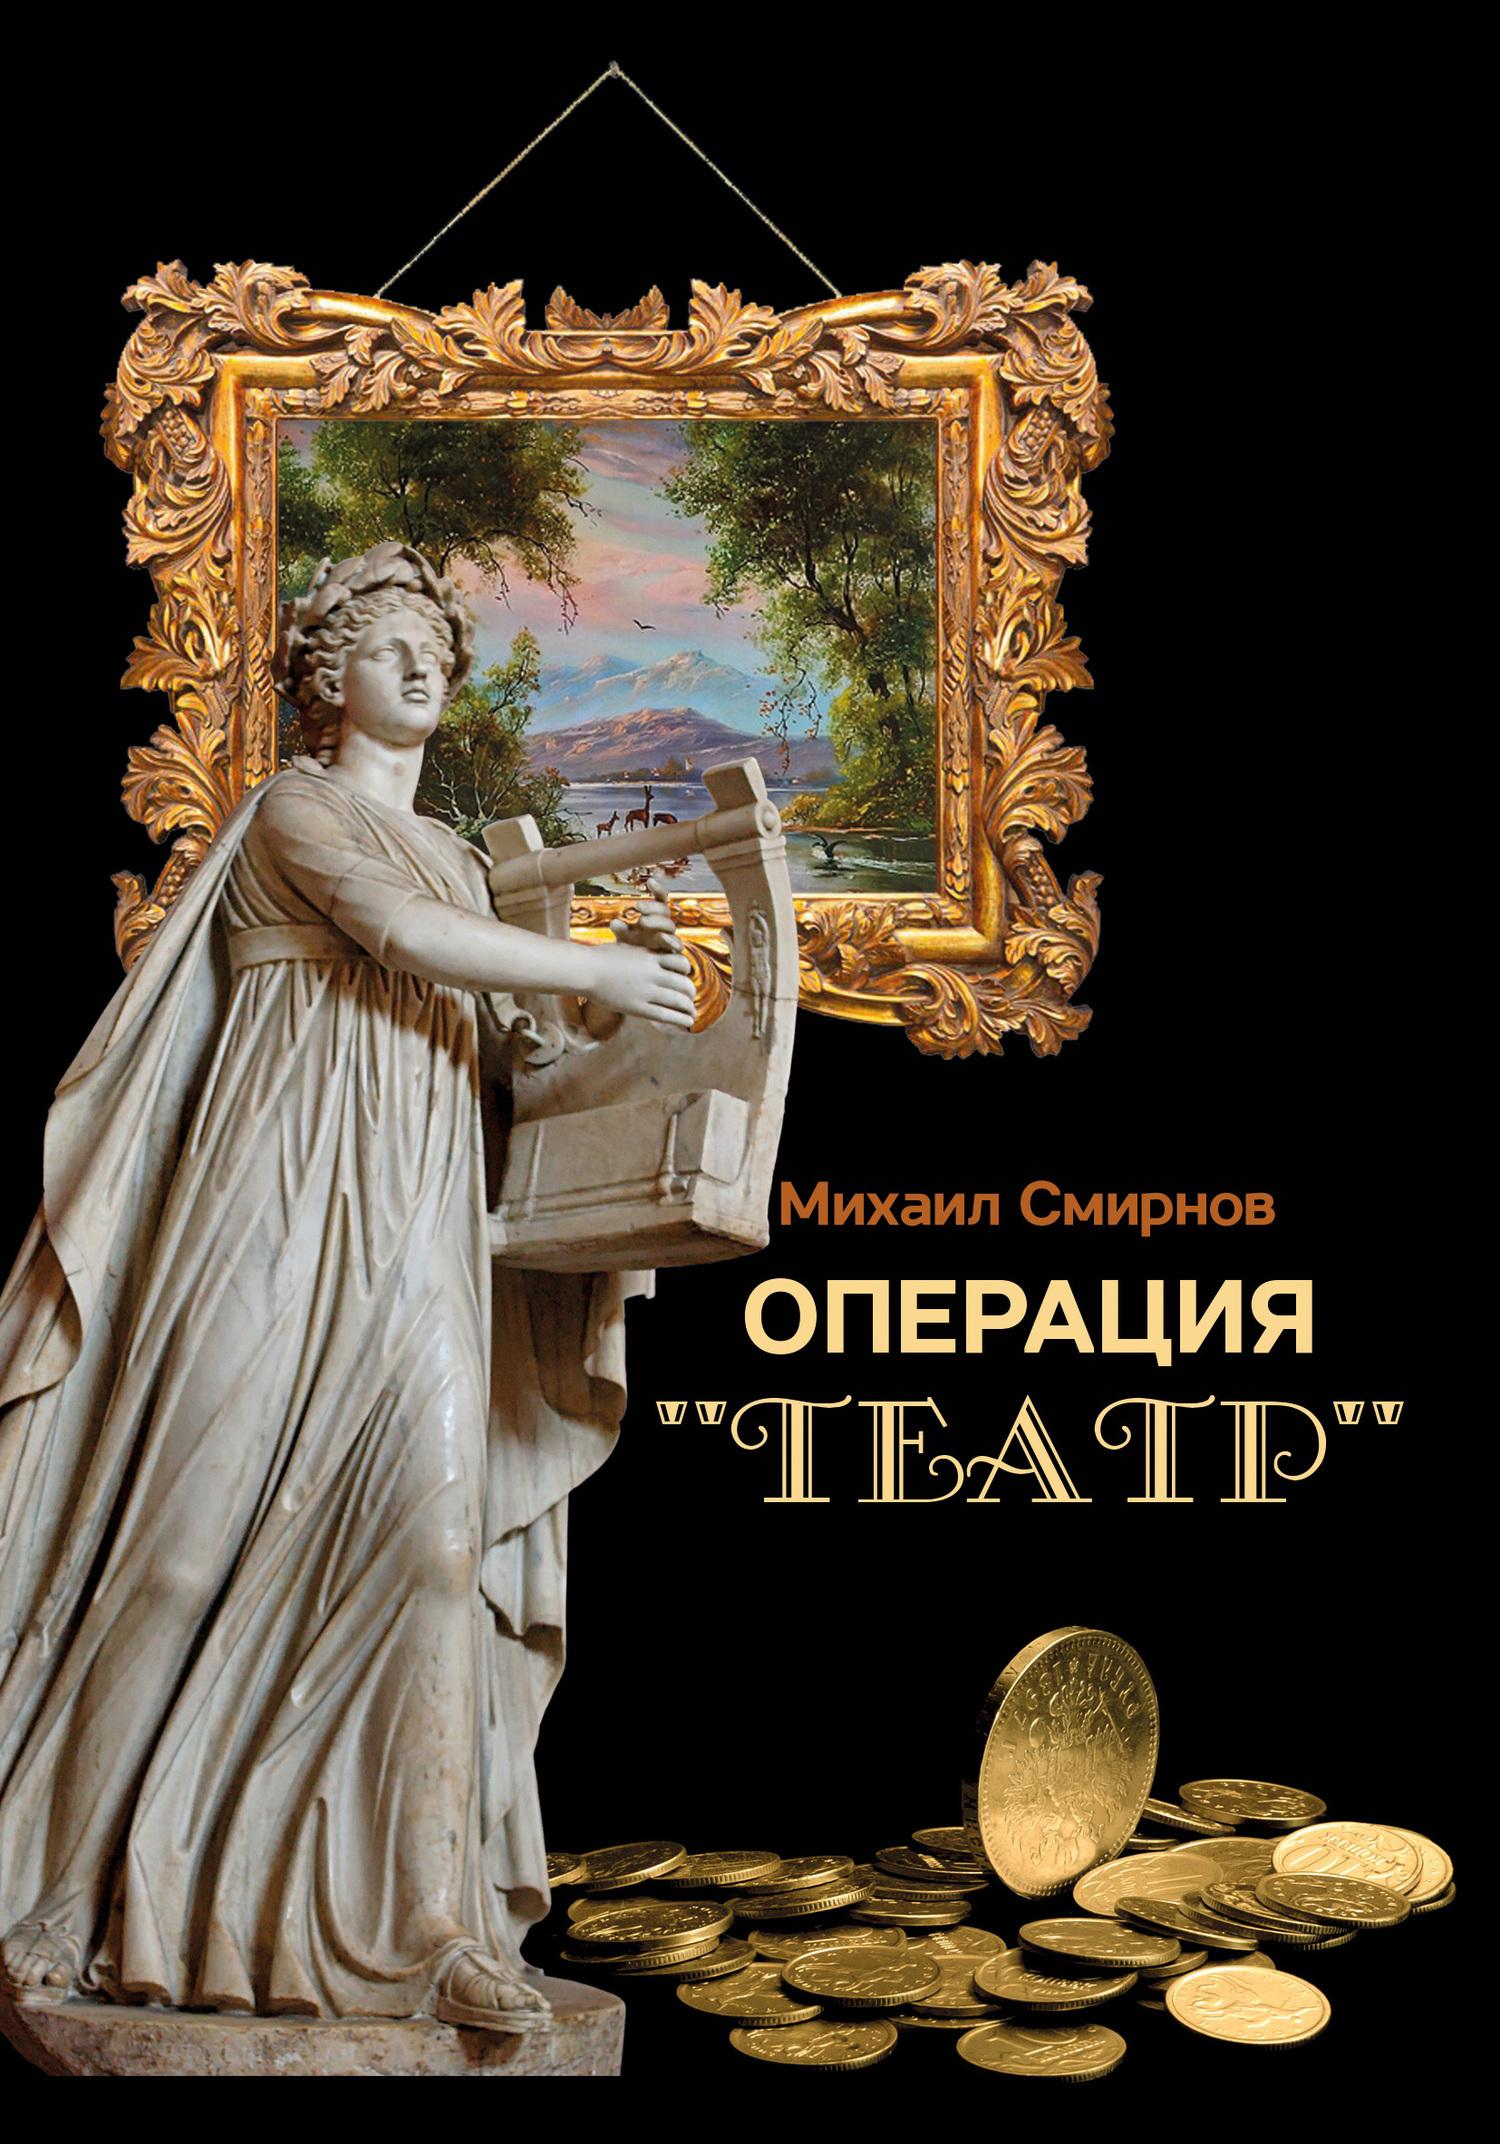 Михаил Смирнов. Операция «Театр» (сборник)